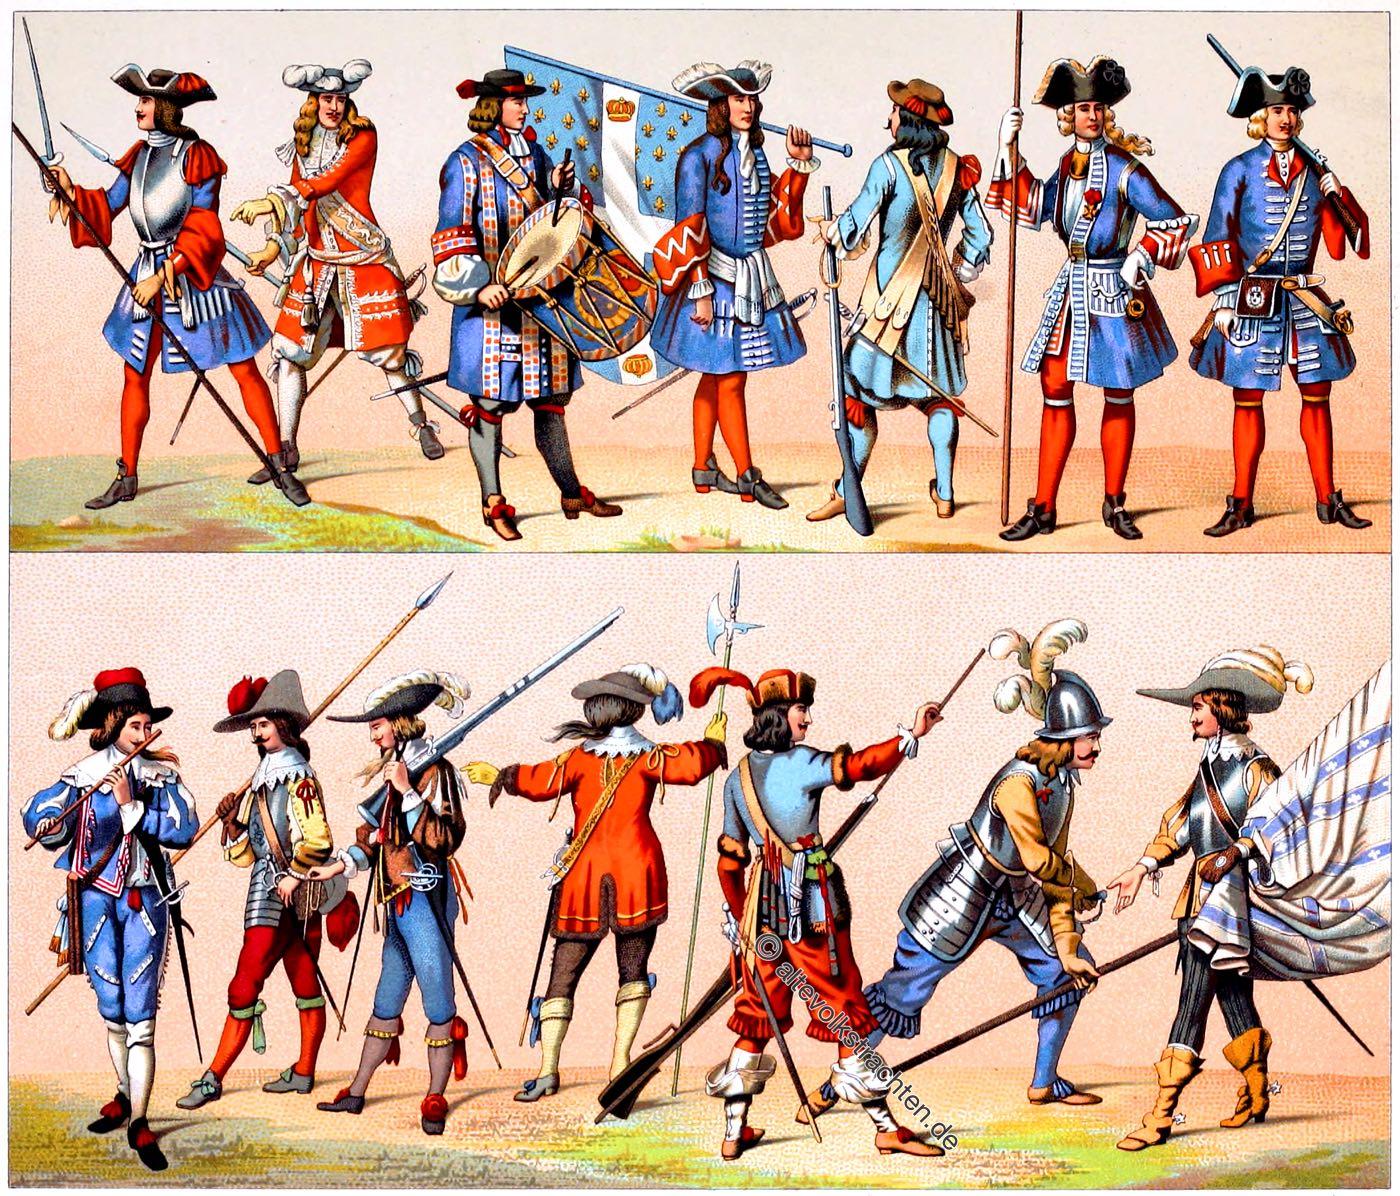 Frankreich, Militär, Uniformen, Soldaten, Garde, Elitesoldaten, Trachten, Kostüme, Auguste Racinet, Barock